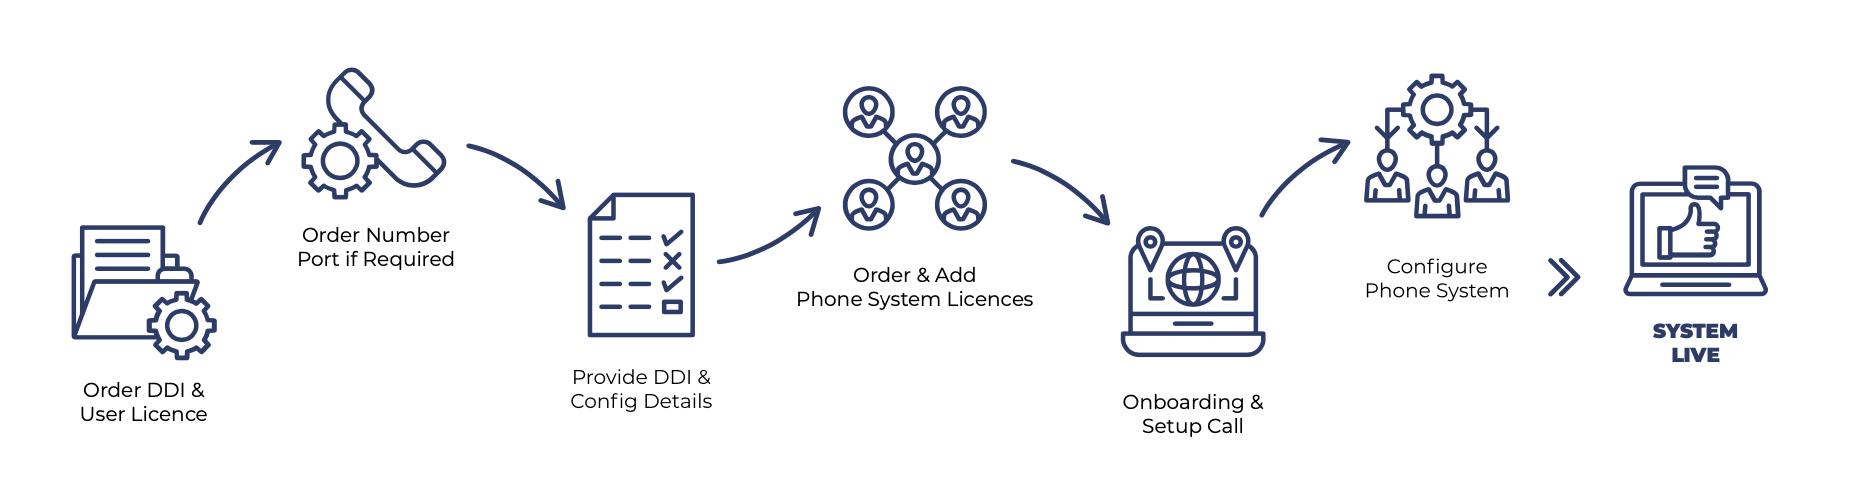 TeamsLink Order Journey